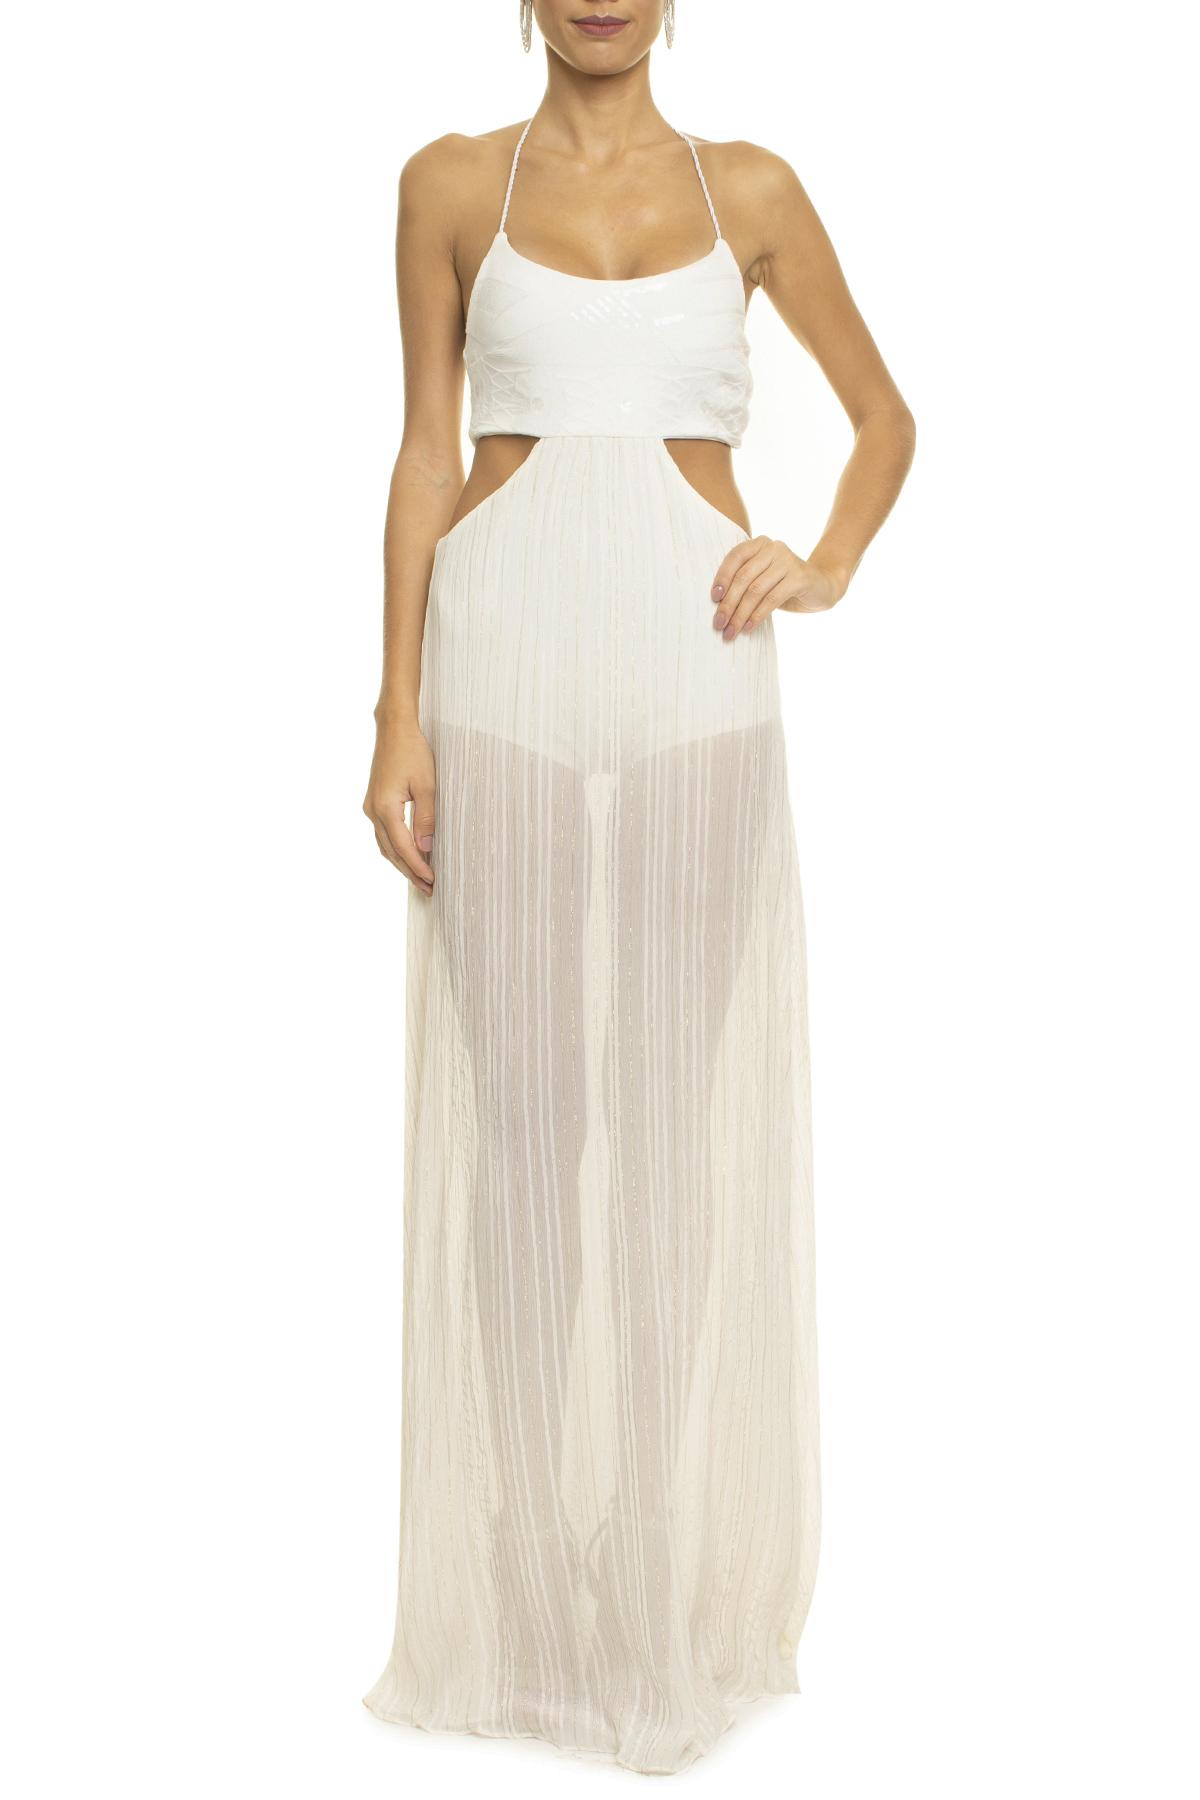 Vestido Seaworth White